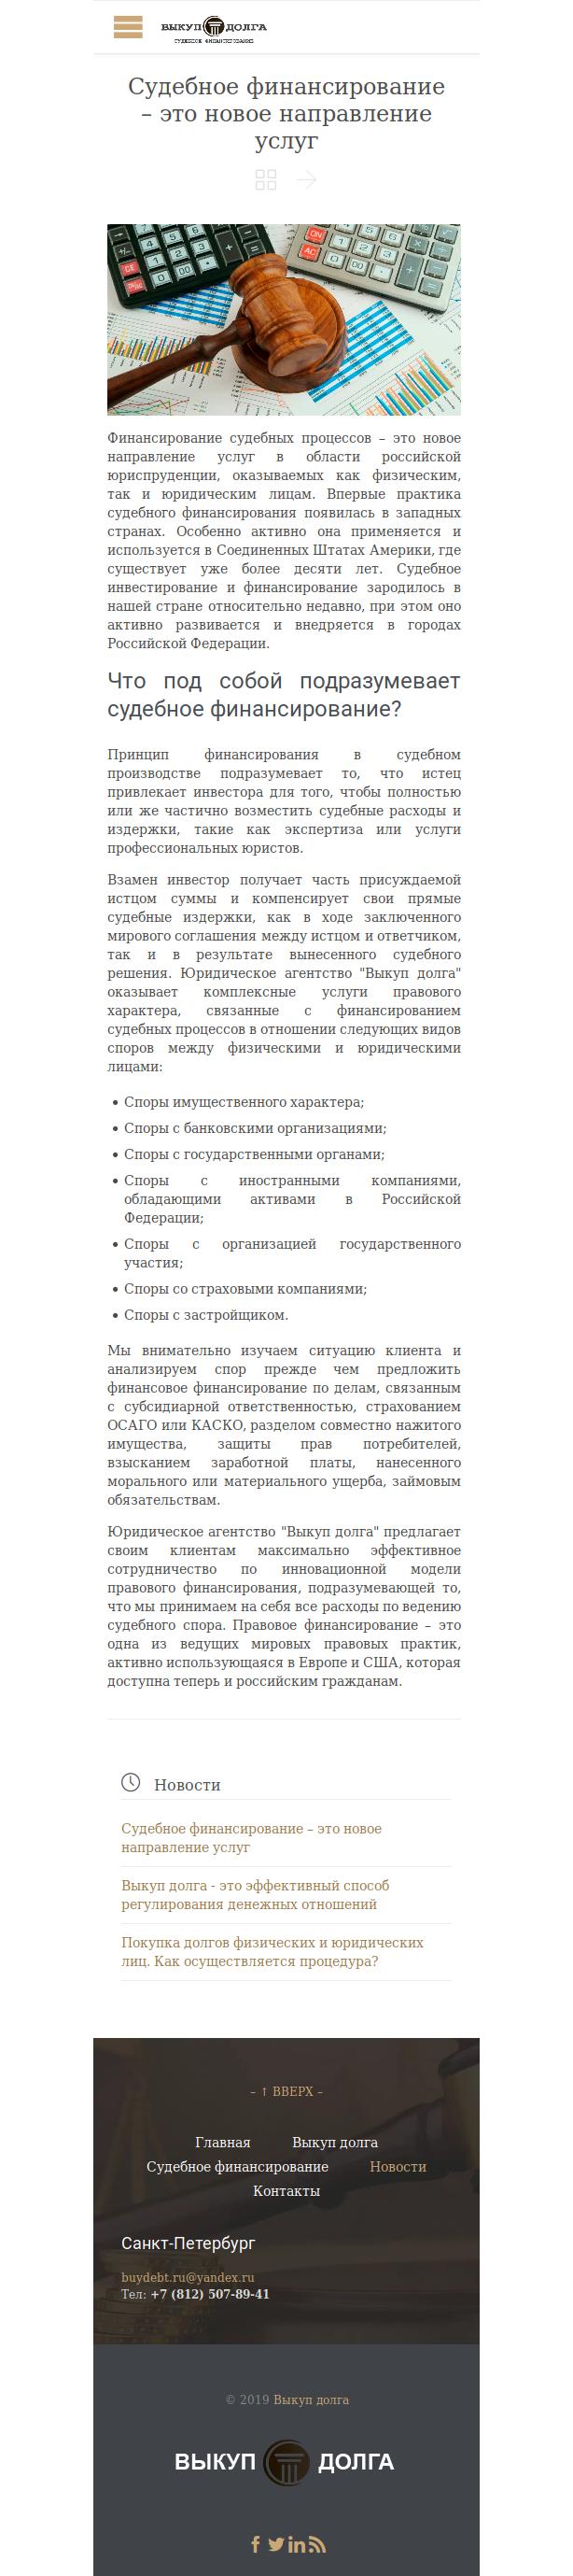 Портфолио Сайт Выкуп долга, Новость - адаптивная